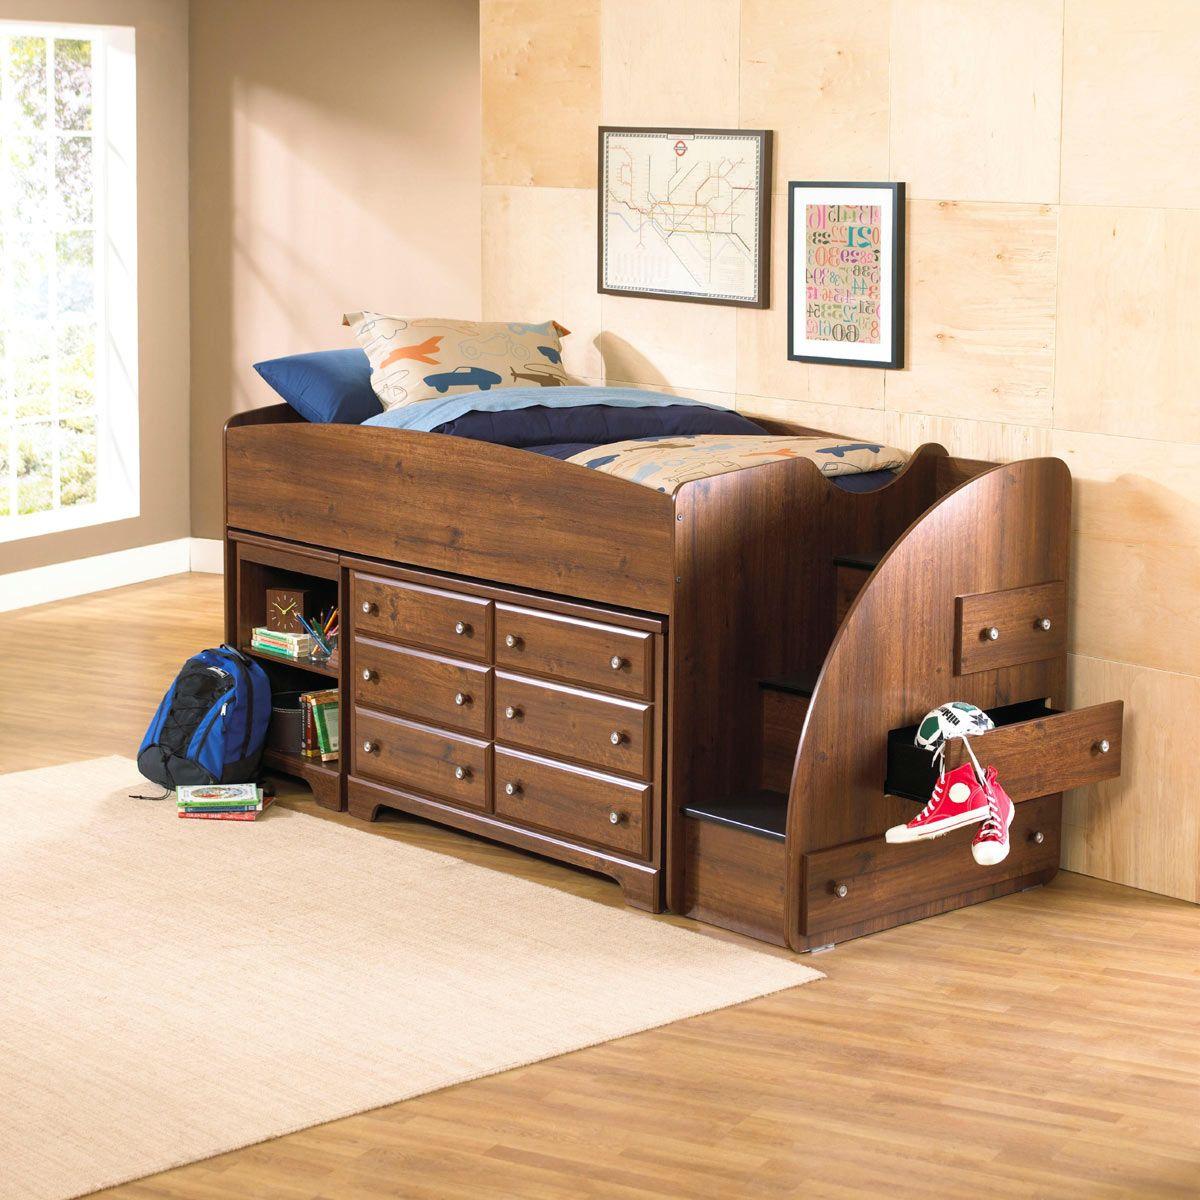 Standard Furniture Twin Loft Bed